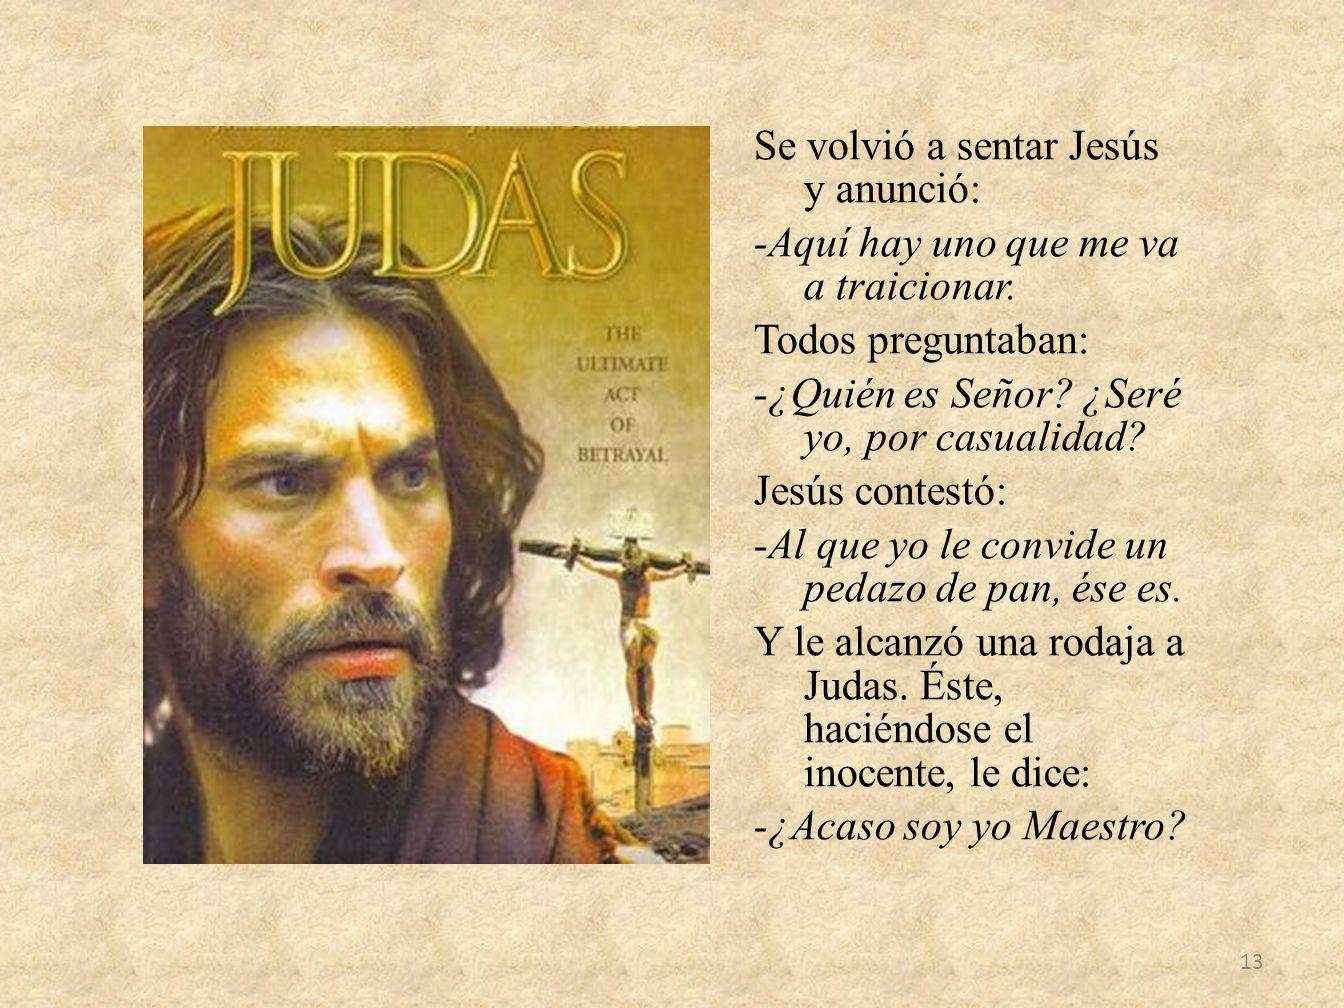 Se volvió a sentar Jesús y anunció: -Aquí hay uno que me va a traicionar. Todos preguntaban: -¿Quién es Señor? ¿Seré yo, por casualidad? Jesús contest